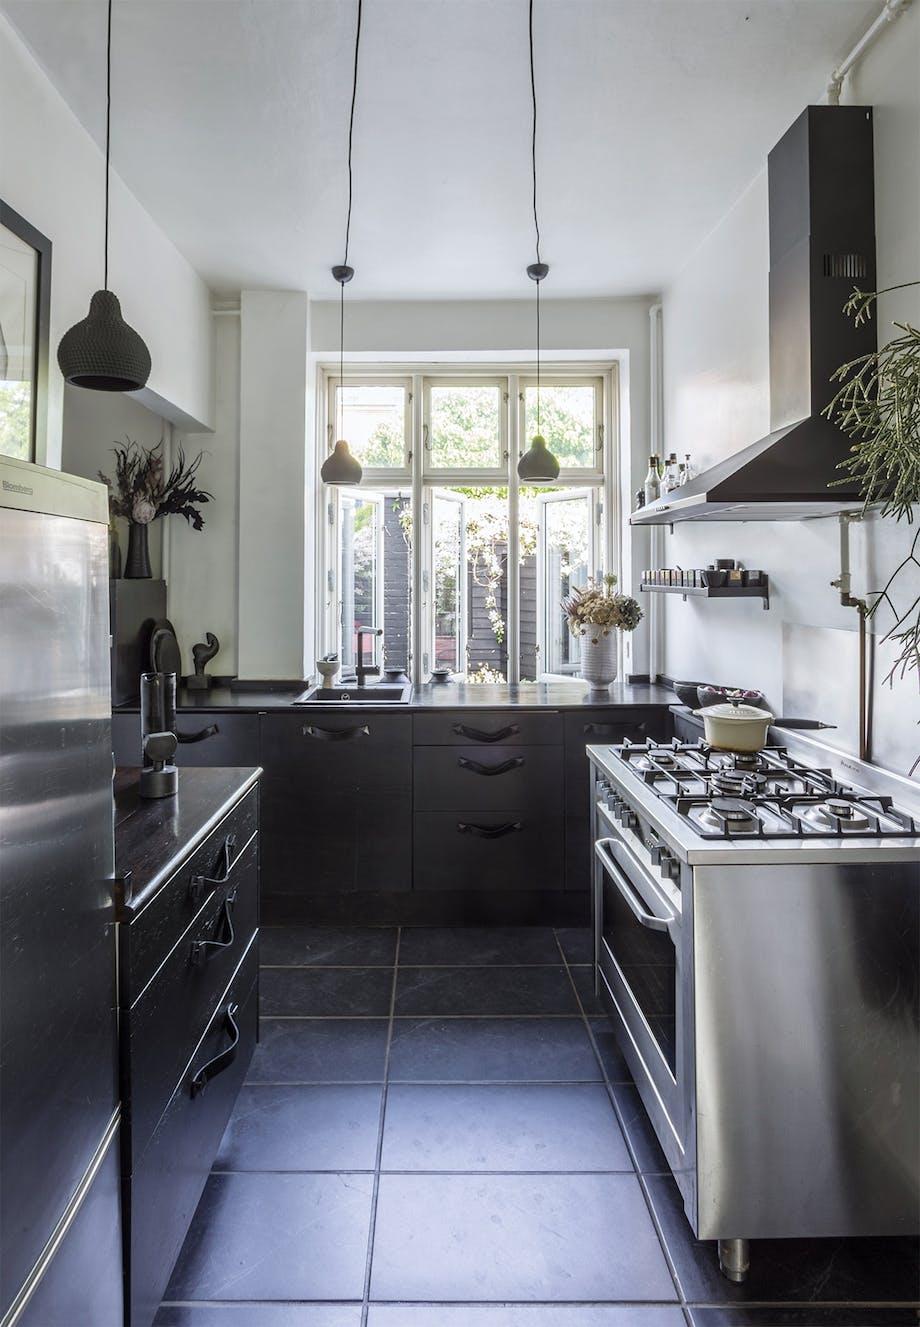 lejlighed villa indretning amager køkken sort